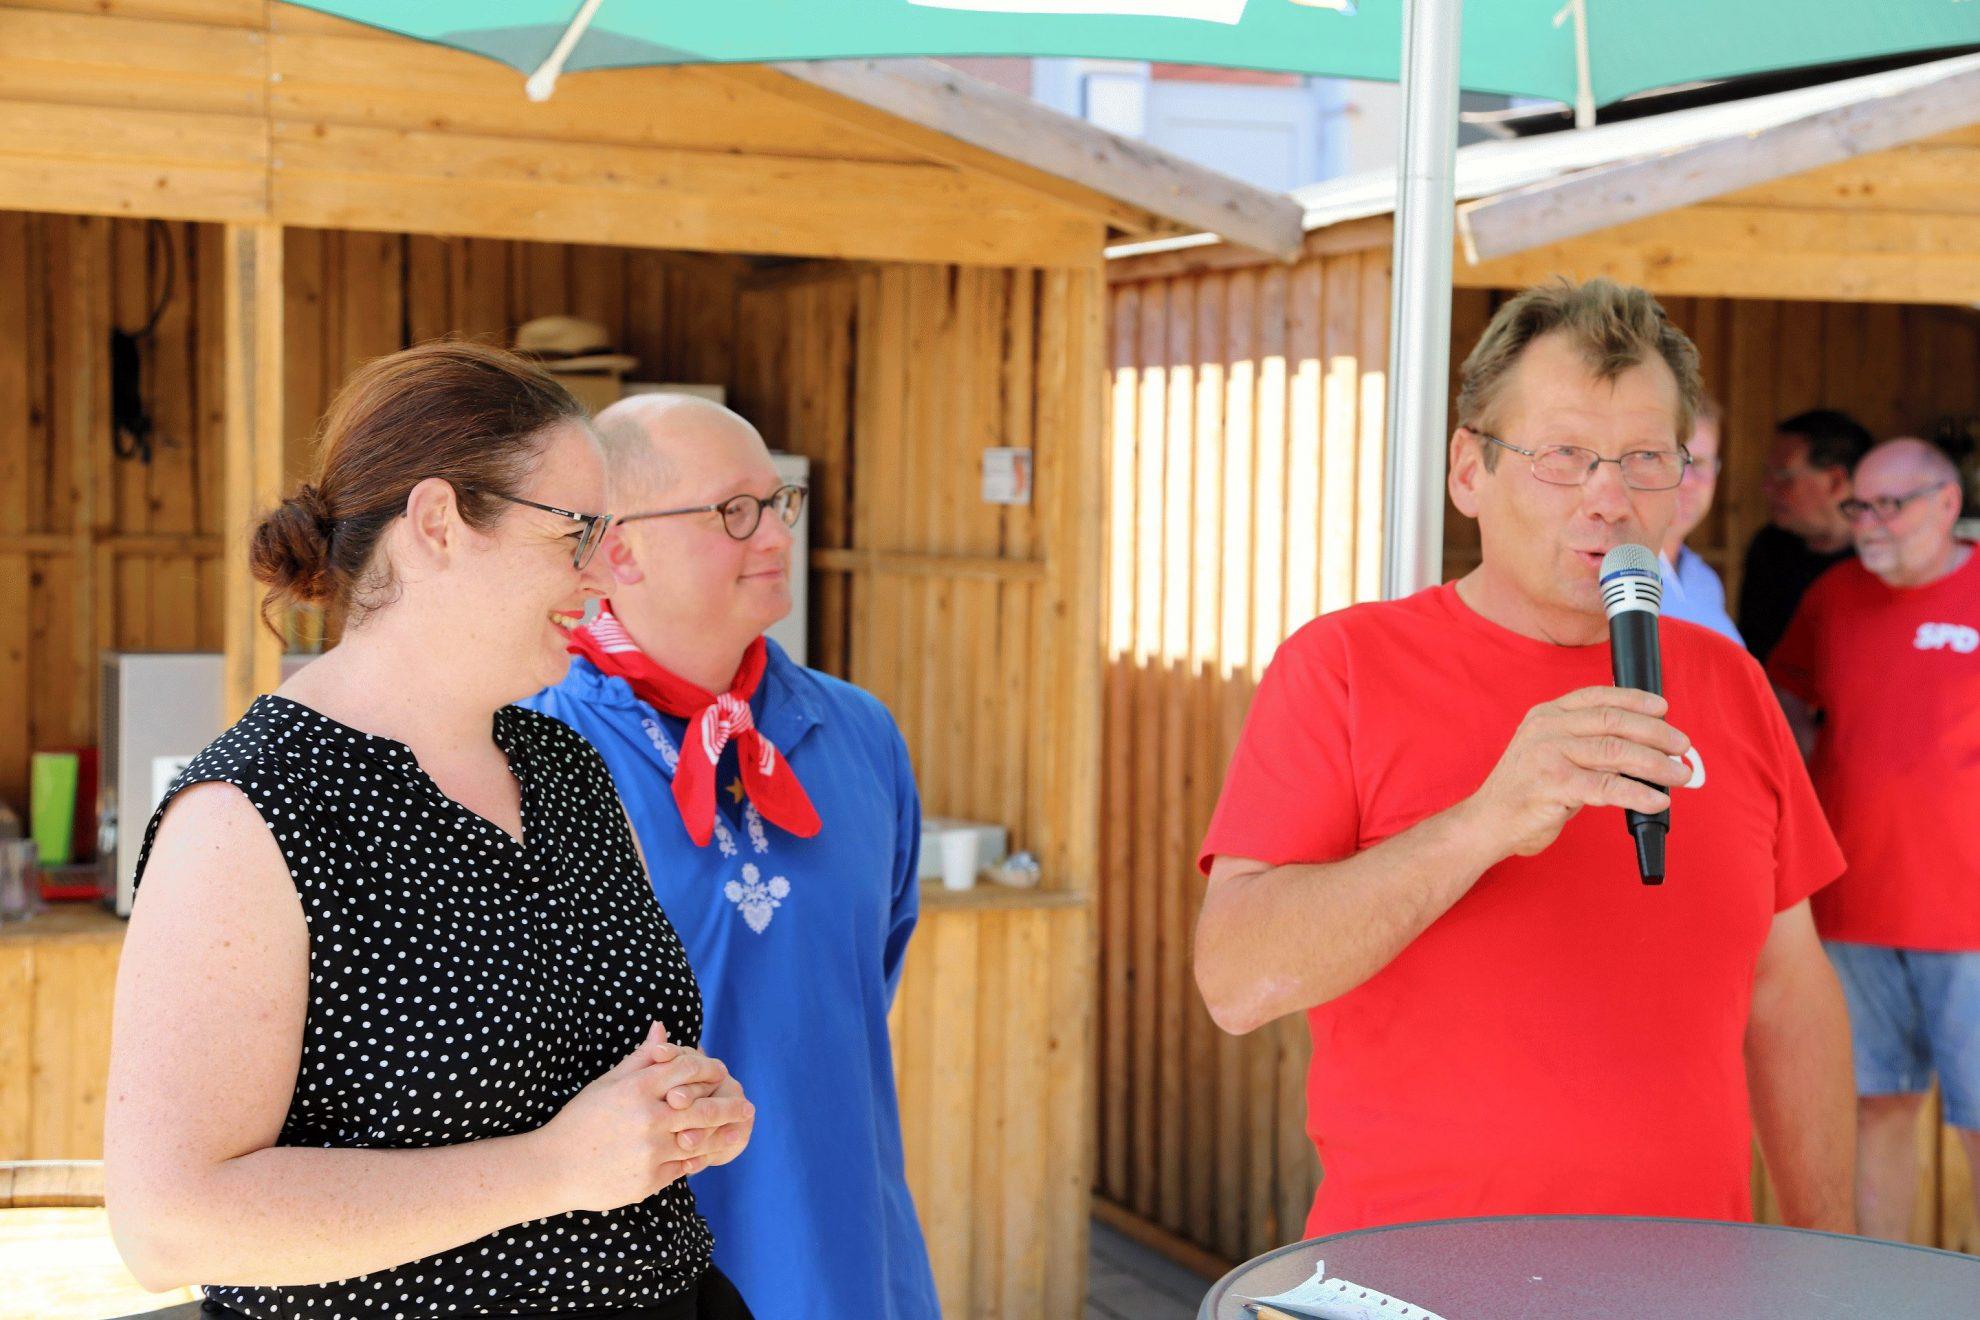 von links nach rechts, Lisa Gnadl, Rouven Kötter und Karl-Otto Waas begrüßen die Gäste, sommerlich gekleidet an Stehtischen, Karl-Otto Waas mit Mikrofon